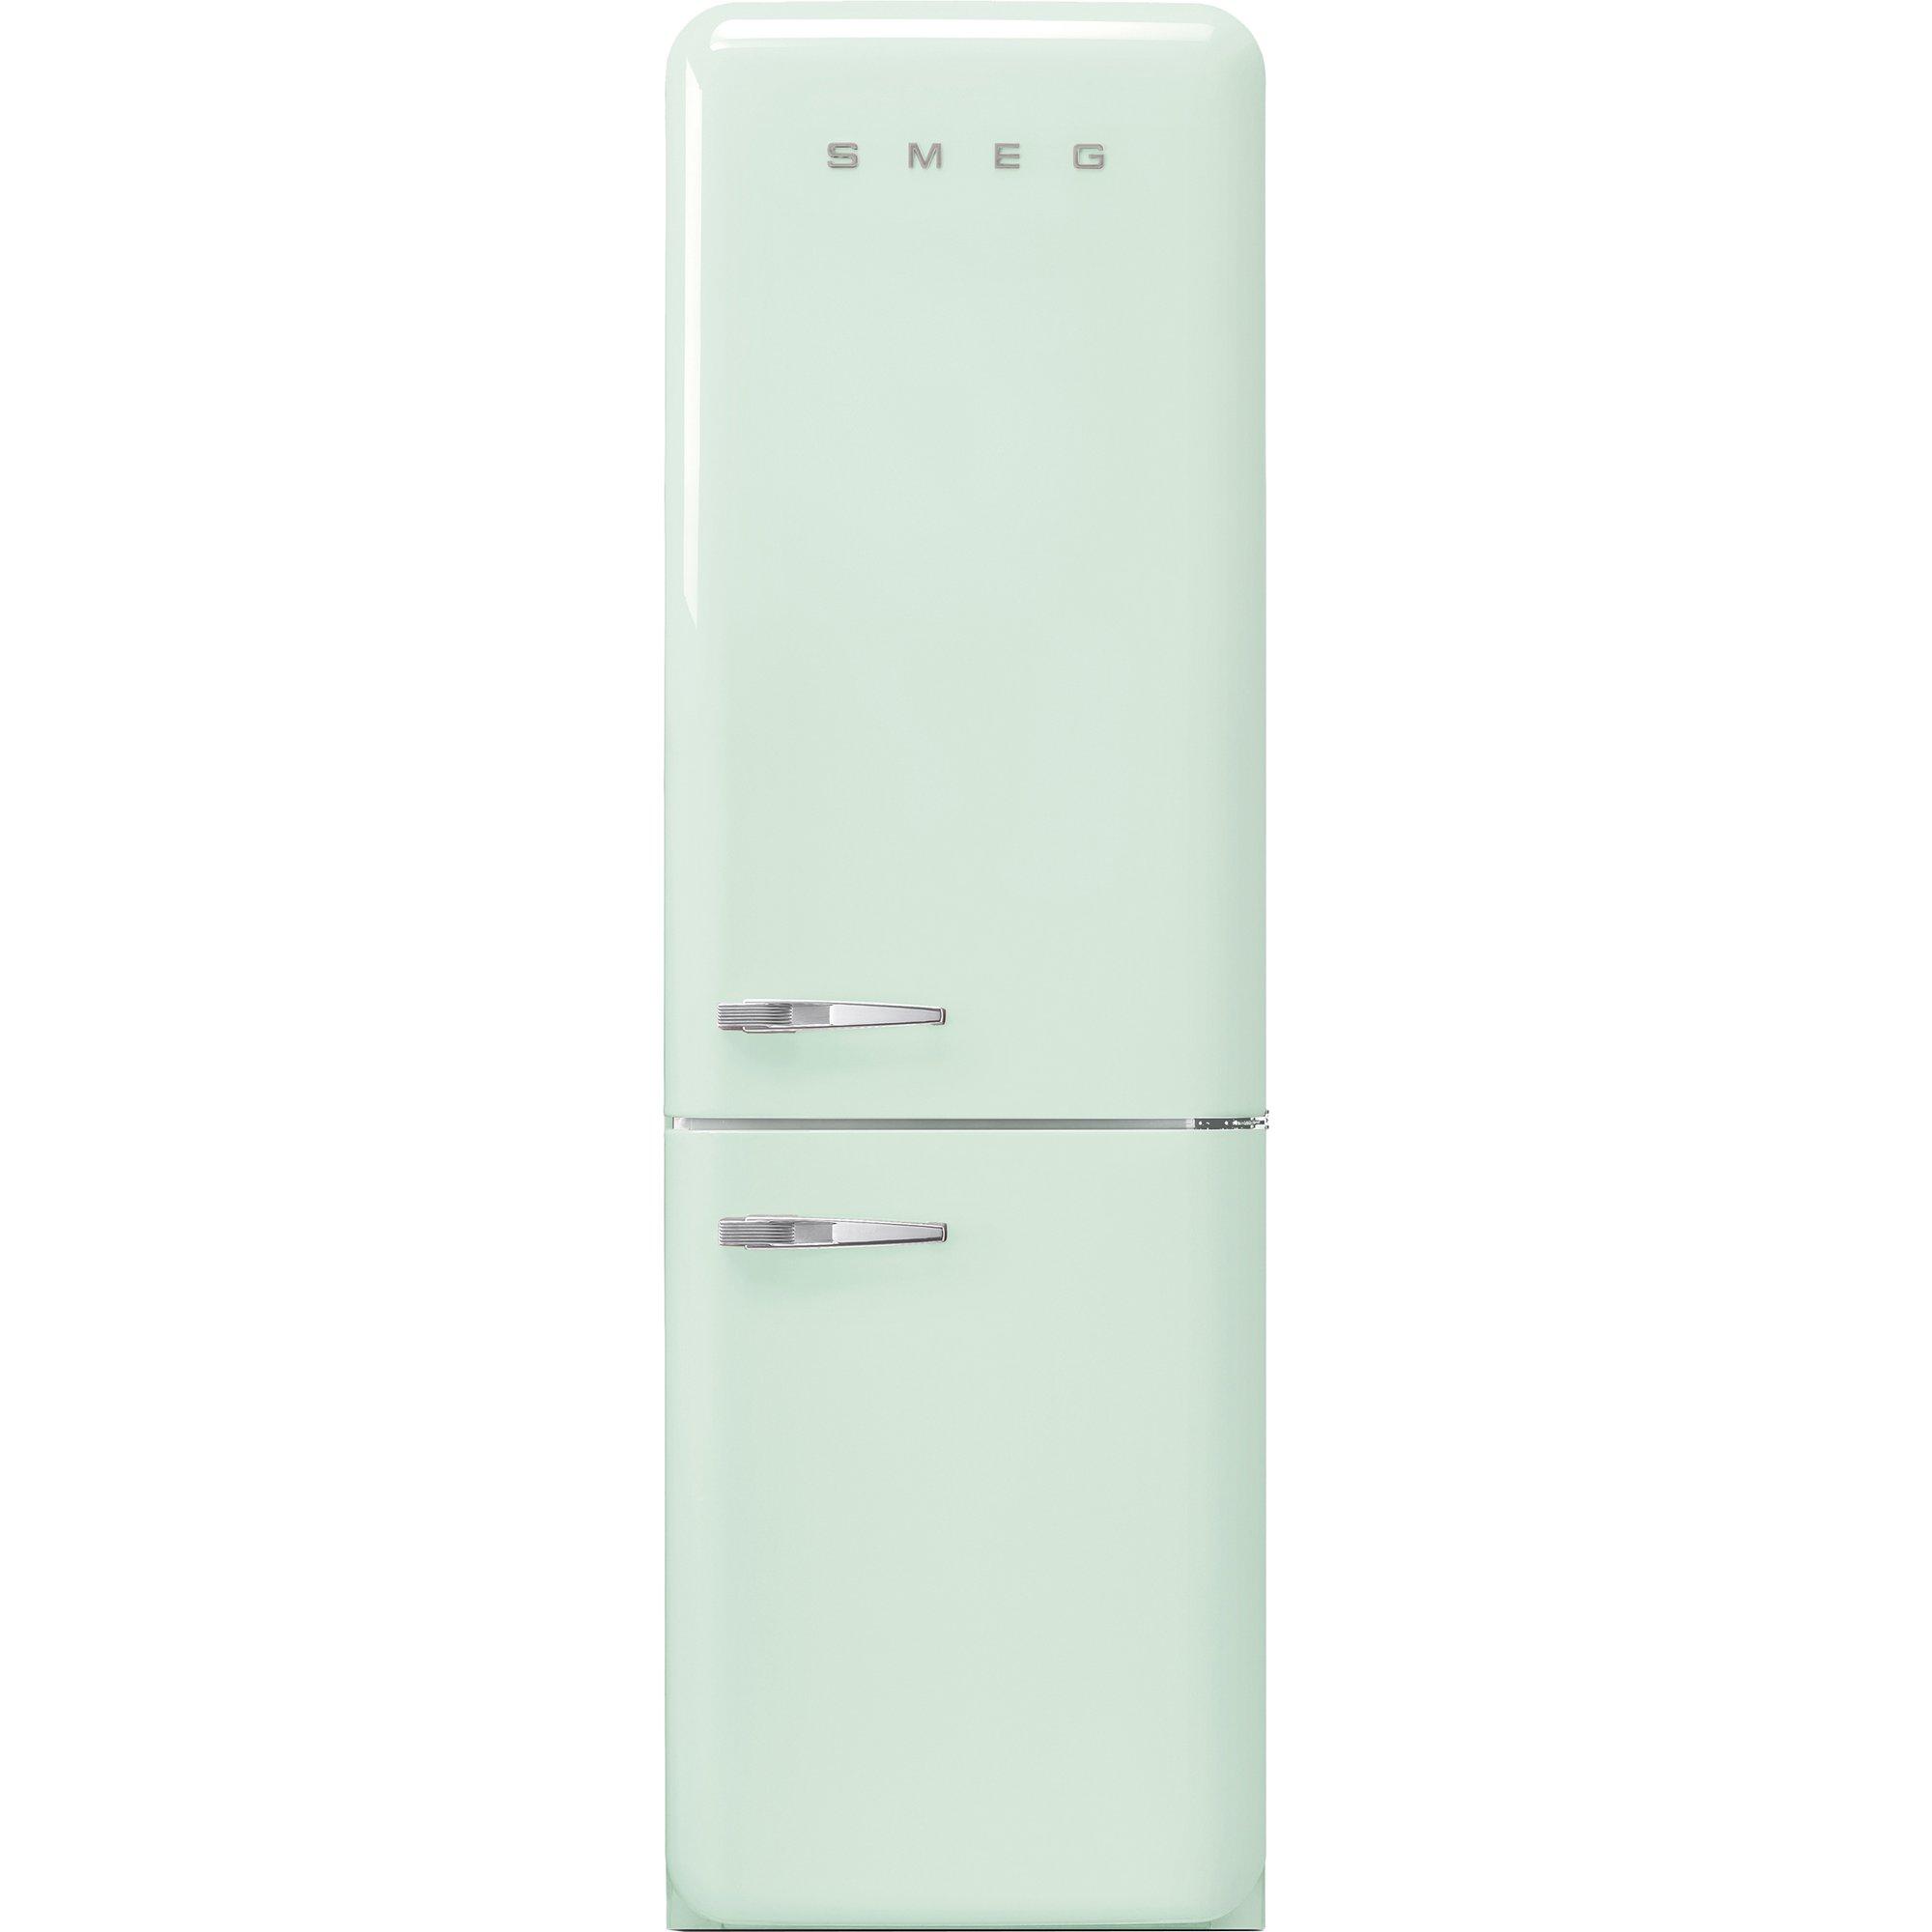 Smeg Kylskåp/frys i 50-tals retrostil högerhängt pastellgrön